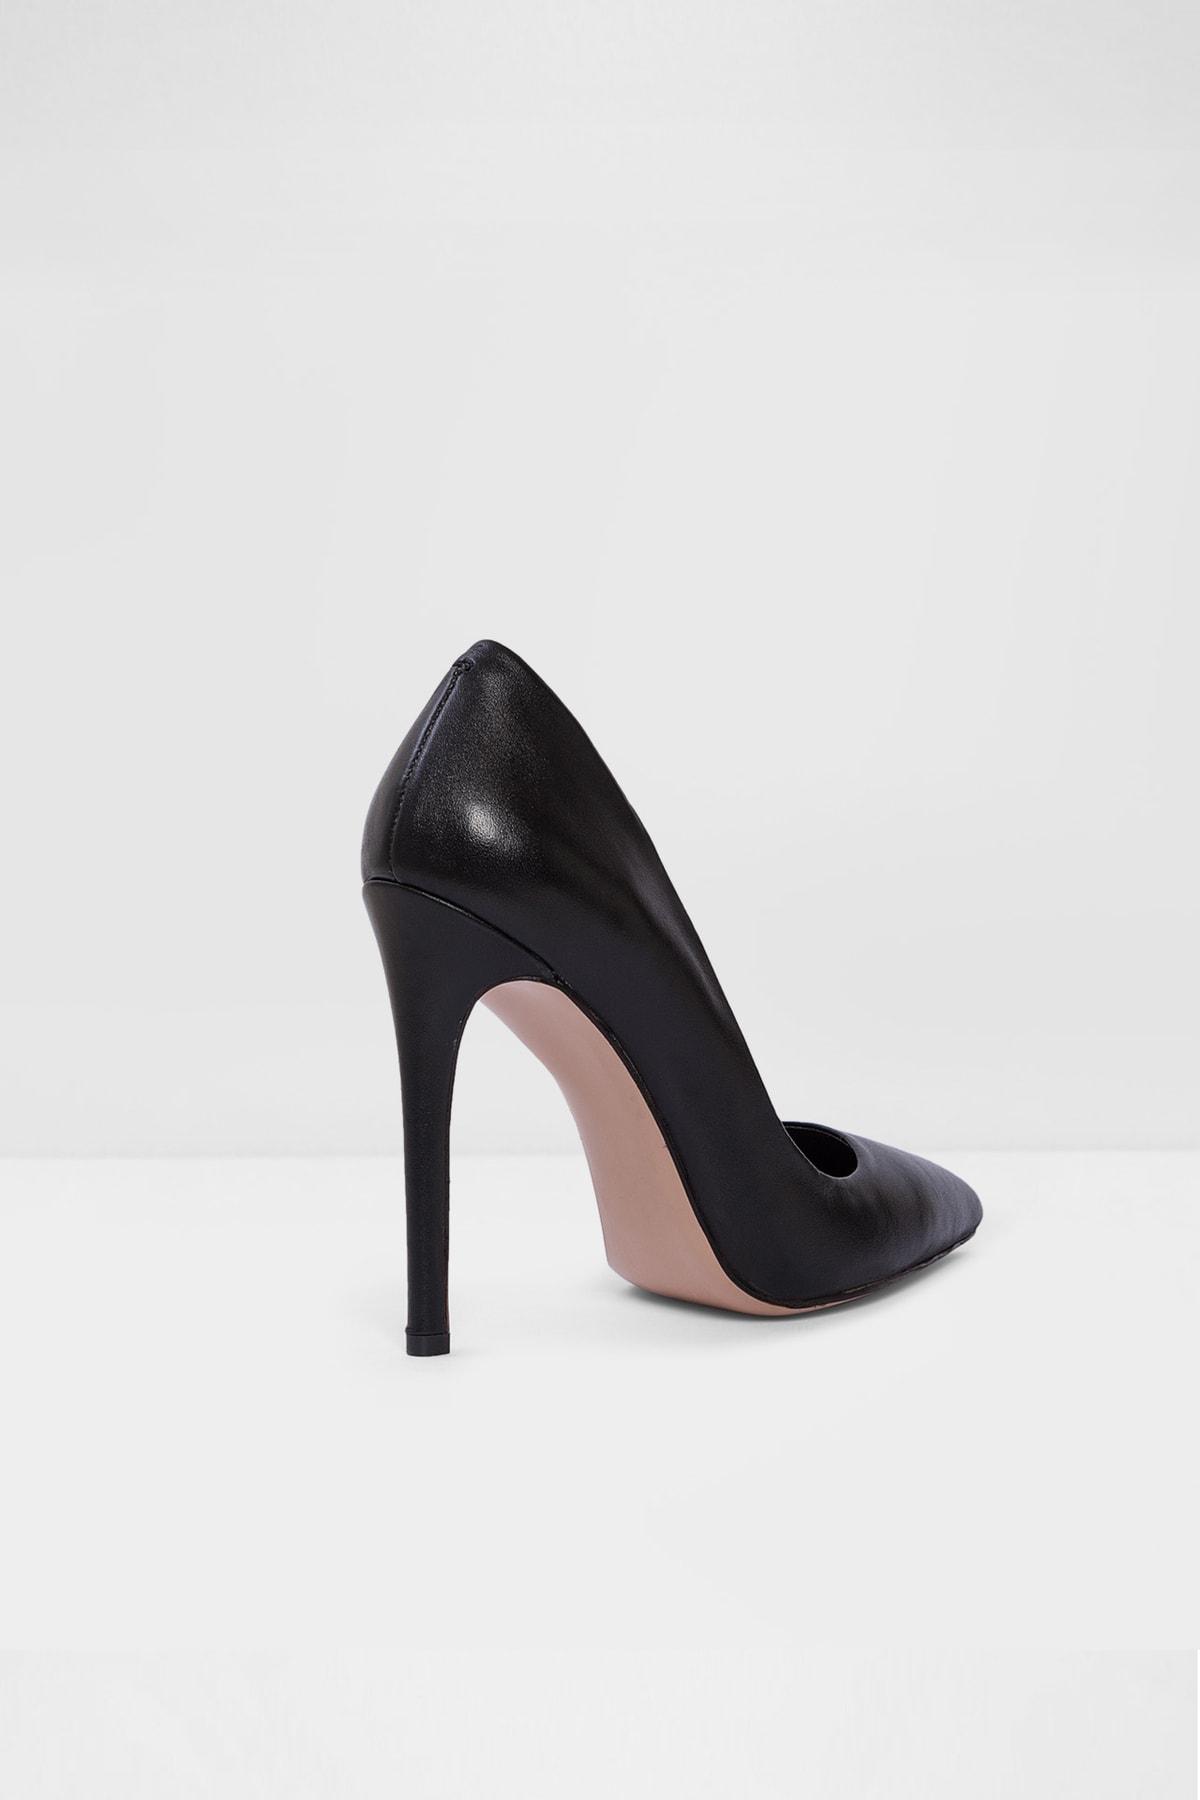 Aldo Emıly-tr - Siyah Kadın Topuklu Ayakkabı